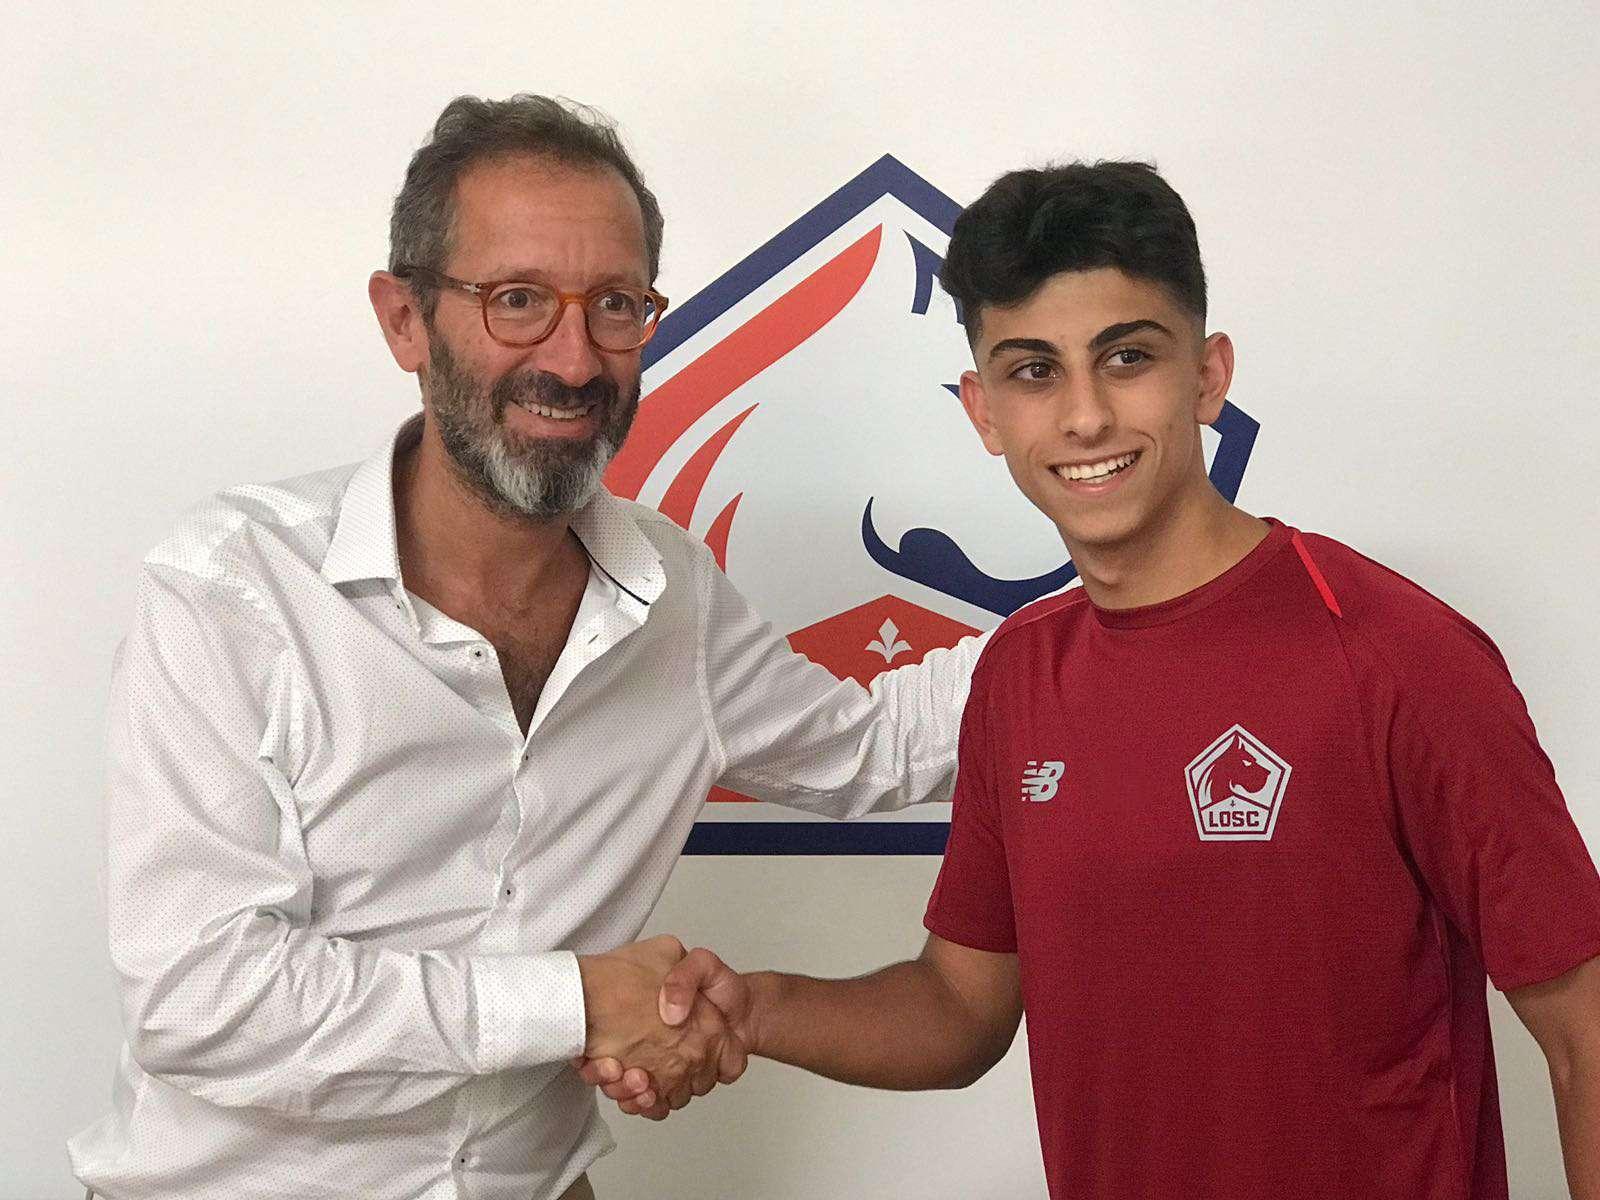 Officiel : le LOSC s'offre un jeune joueur de 16 ans !